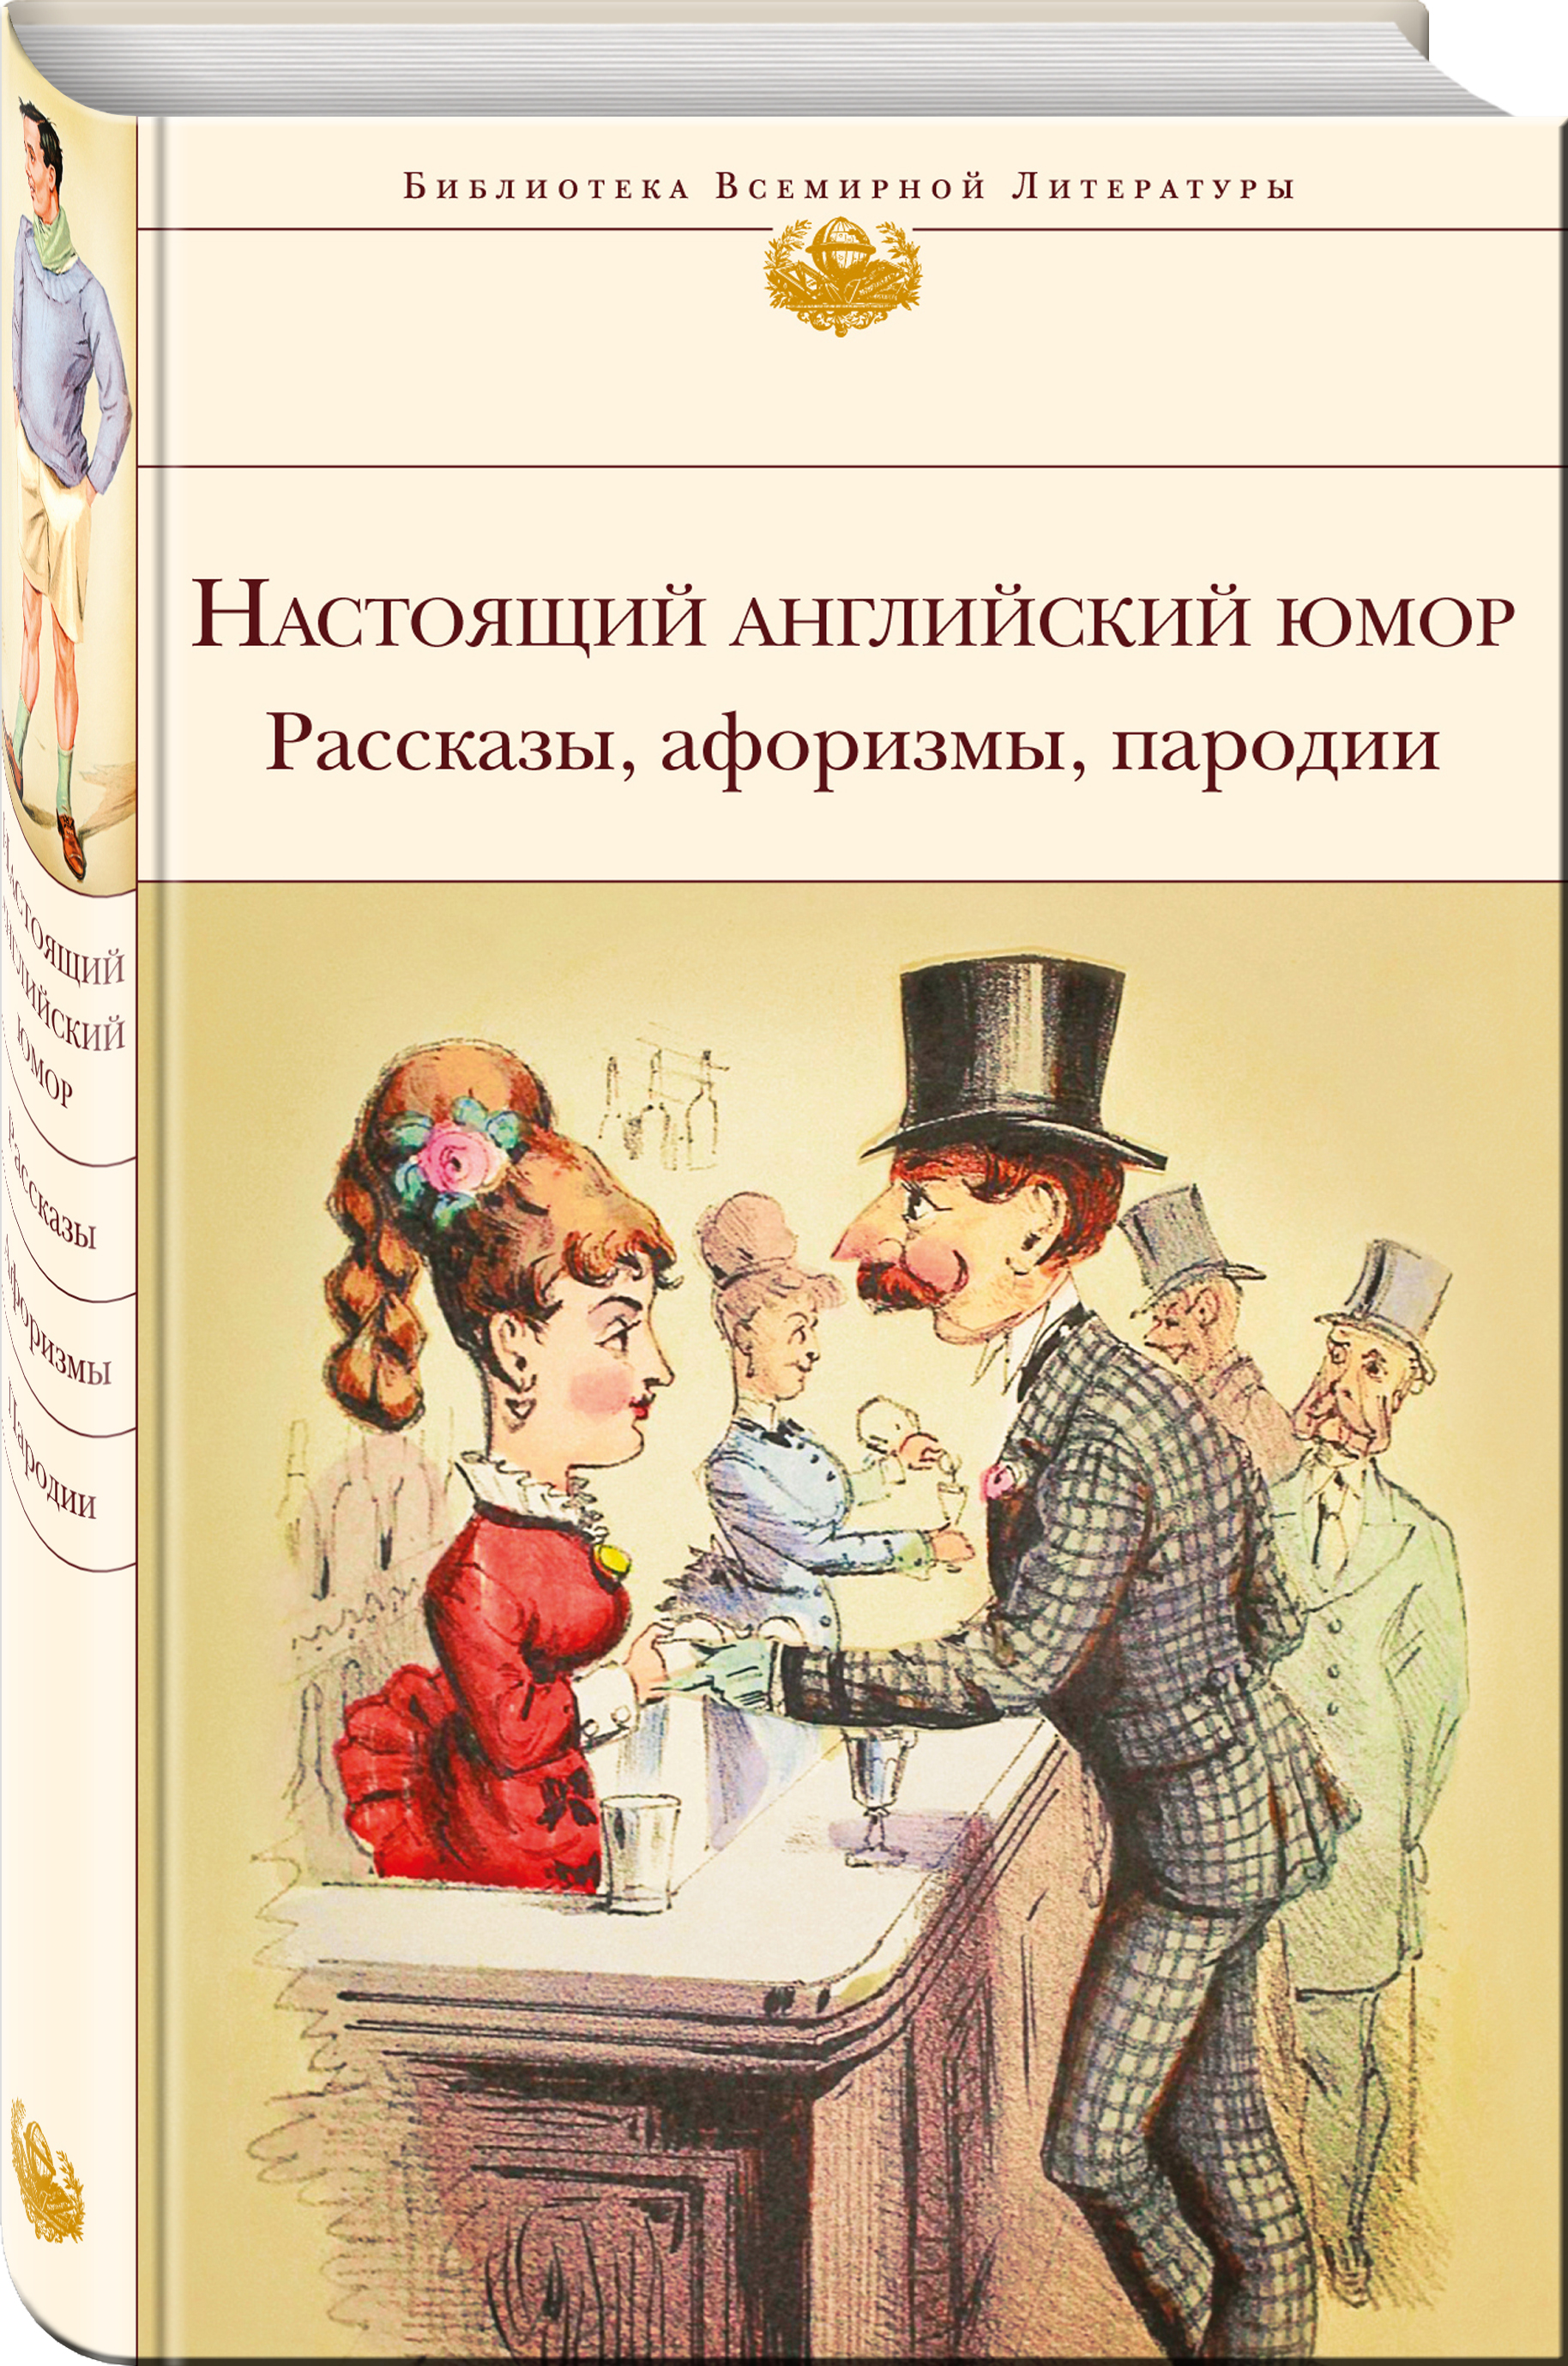 Настоящий английский юмор. Рассказы, афоризмы, пародии ( Уайльд О. и др., Остен Дж., Диккенс Ч.  )